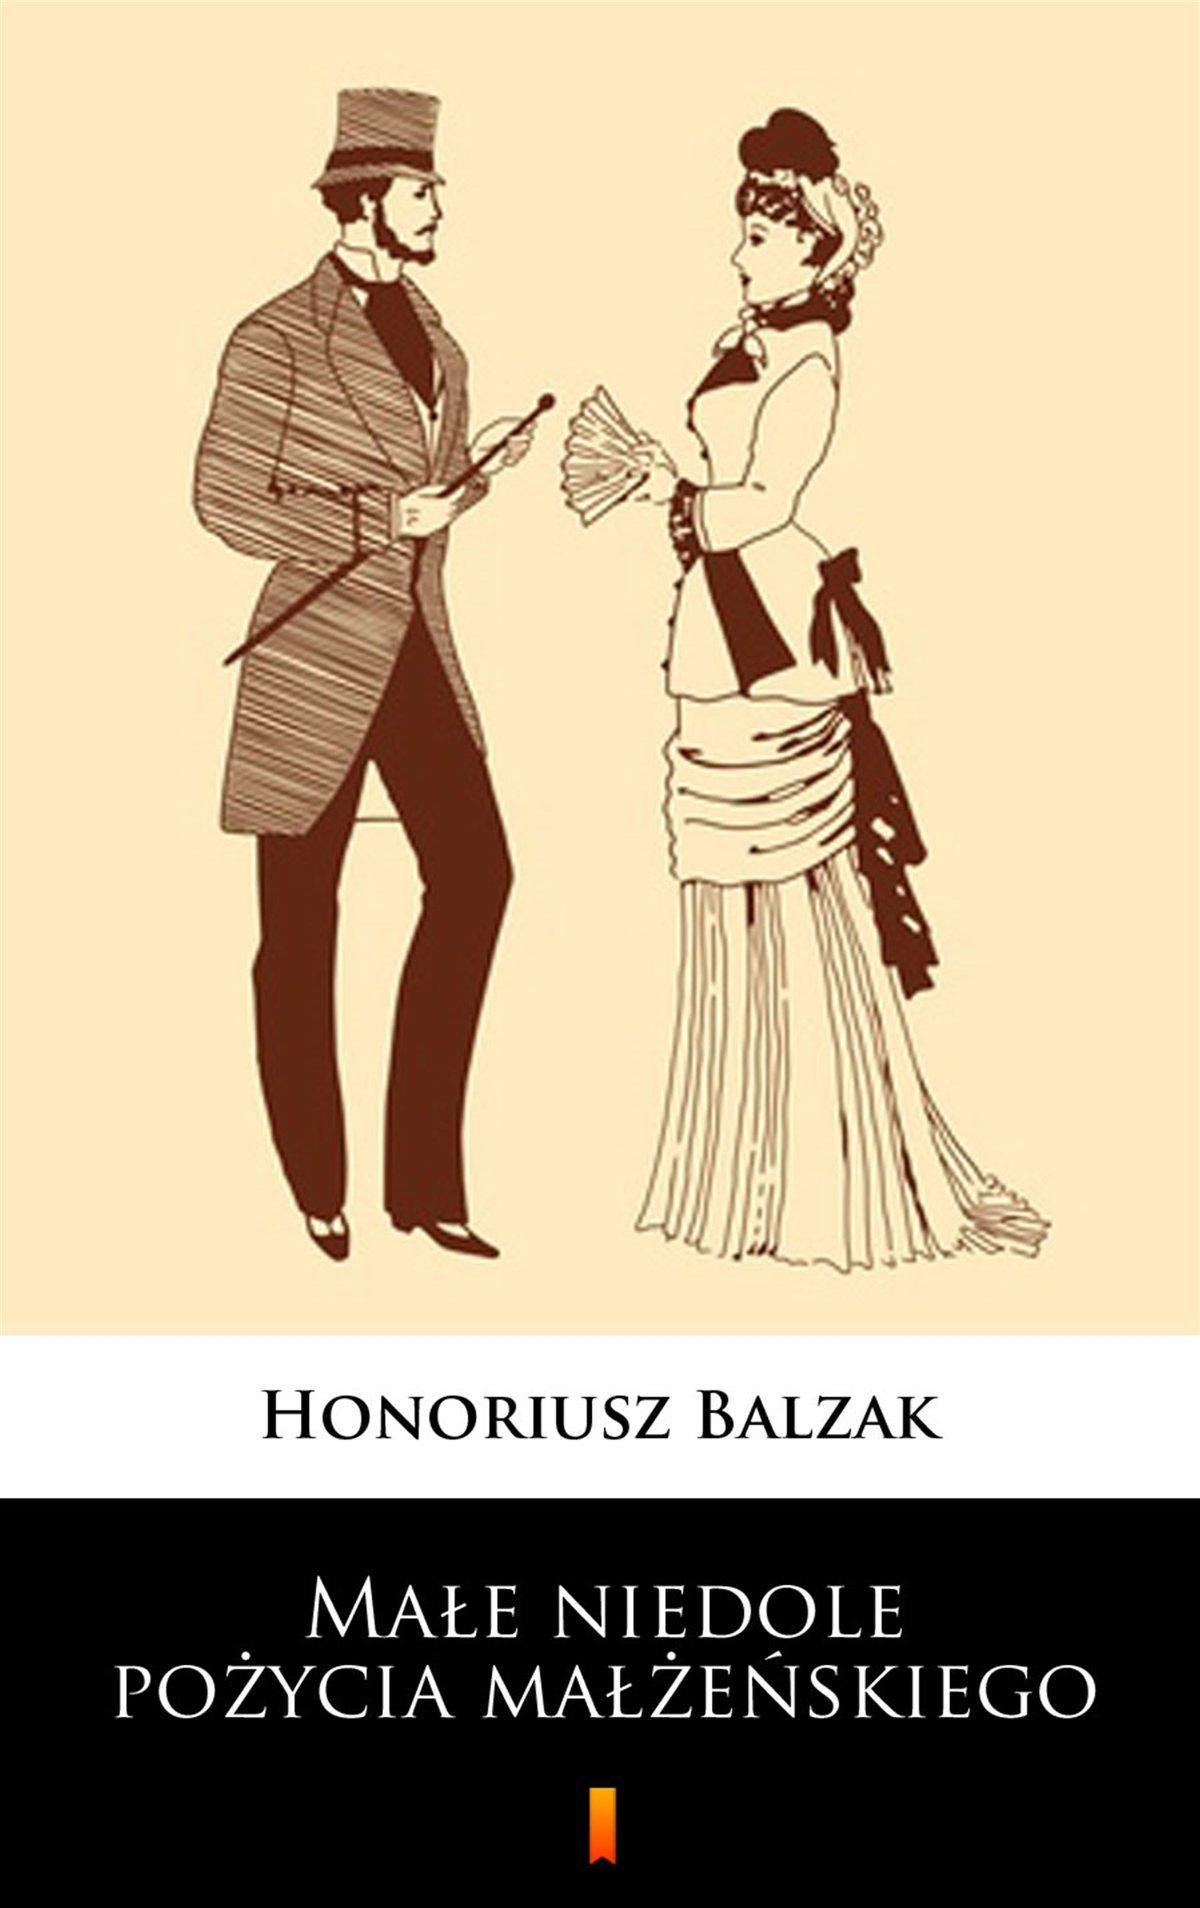 Małe niedole pożycia małżeńskiego - Ebook (Książka EPUB) do pobrania w formacie EPUB